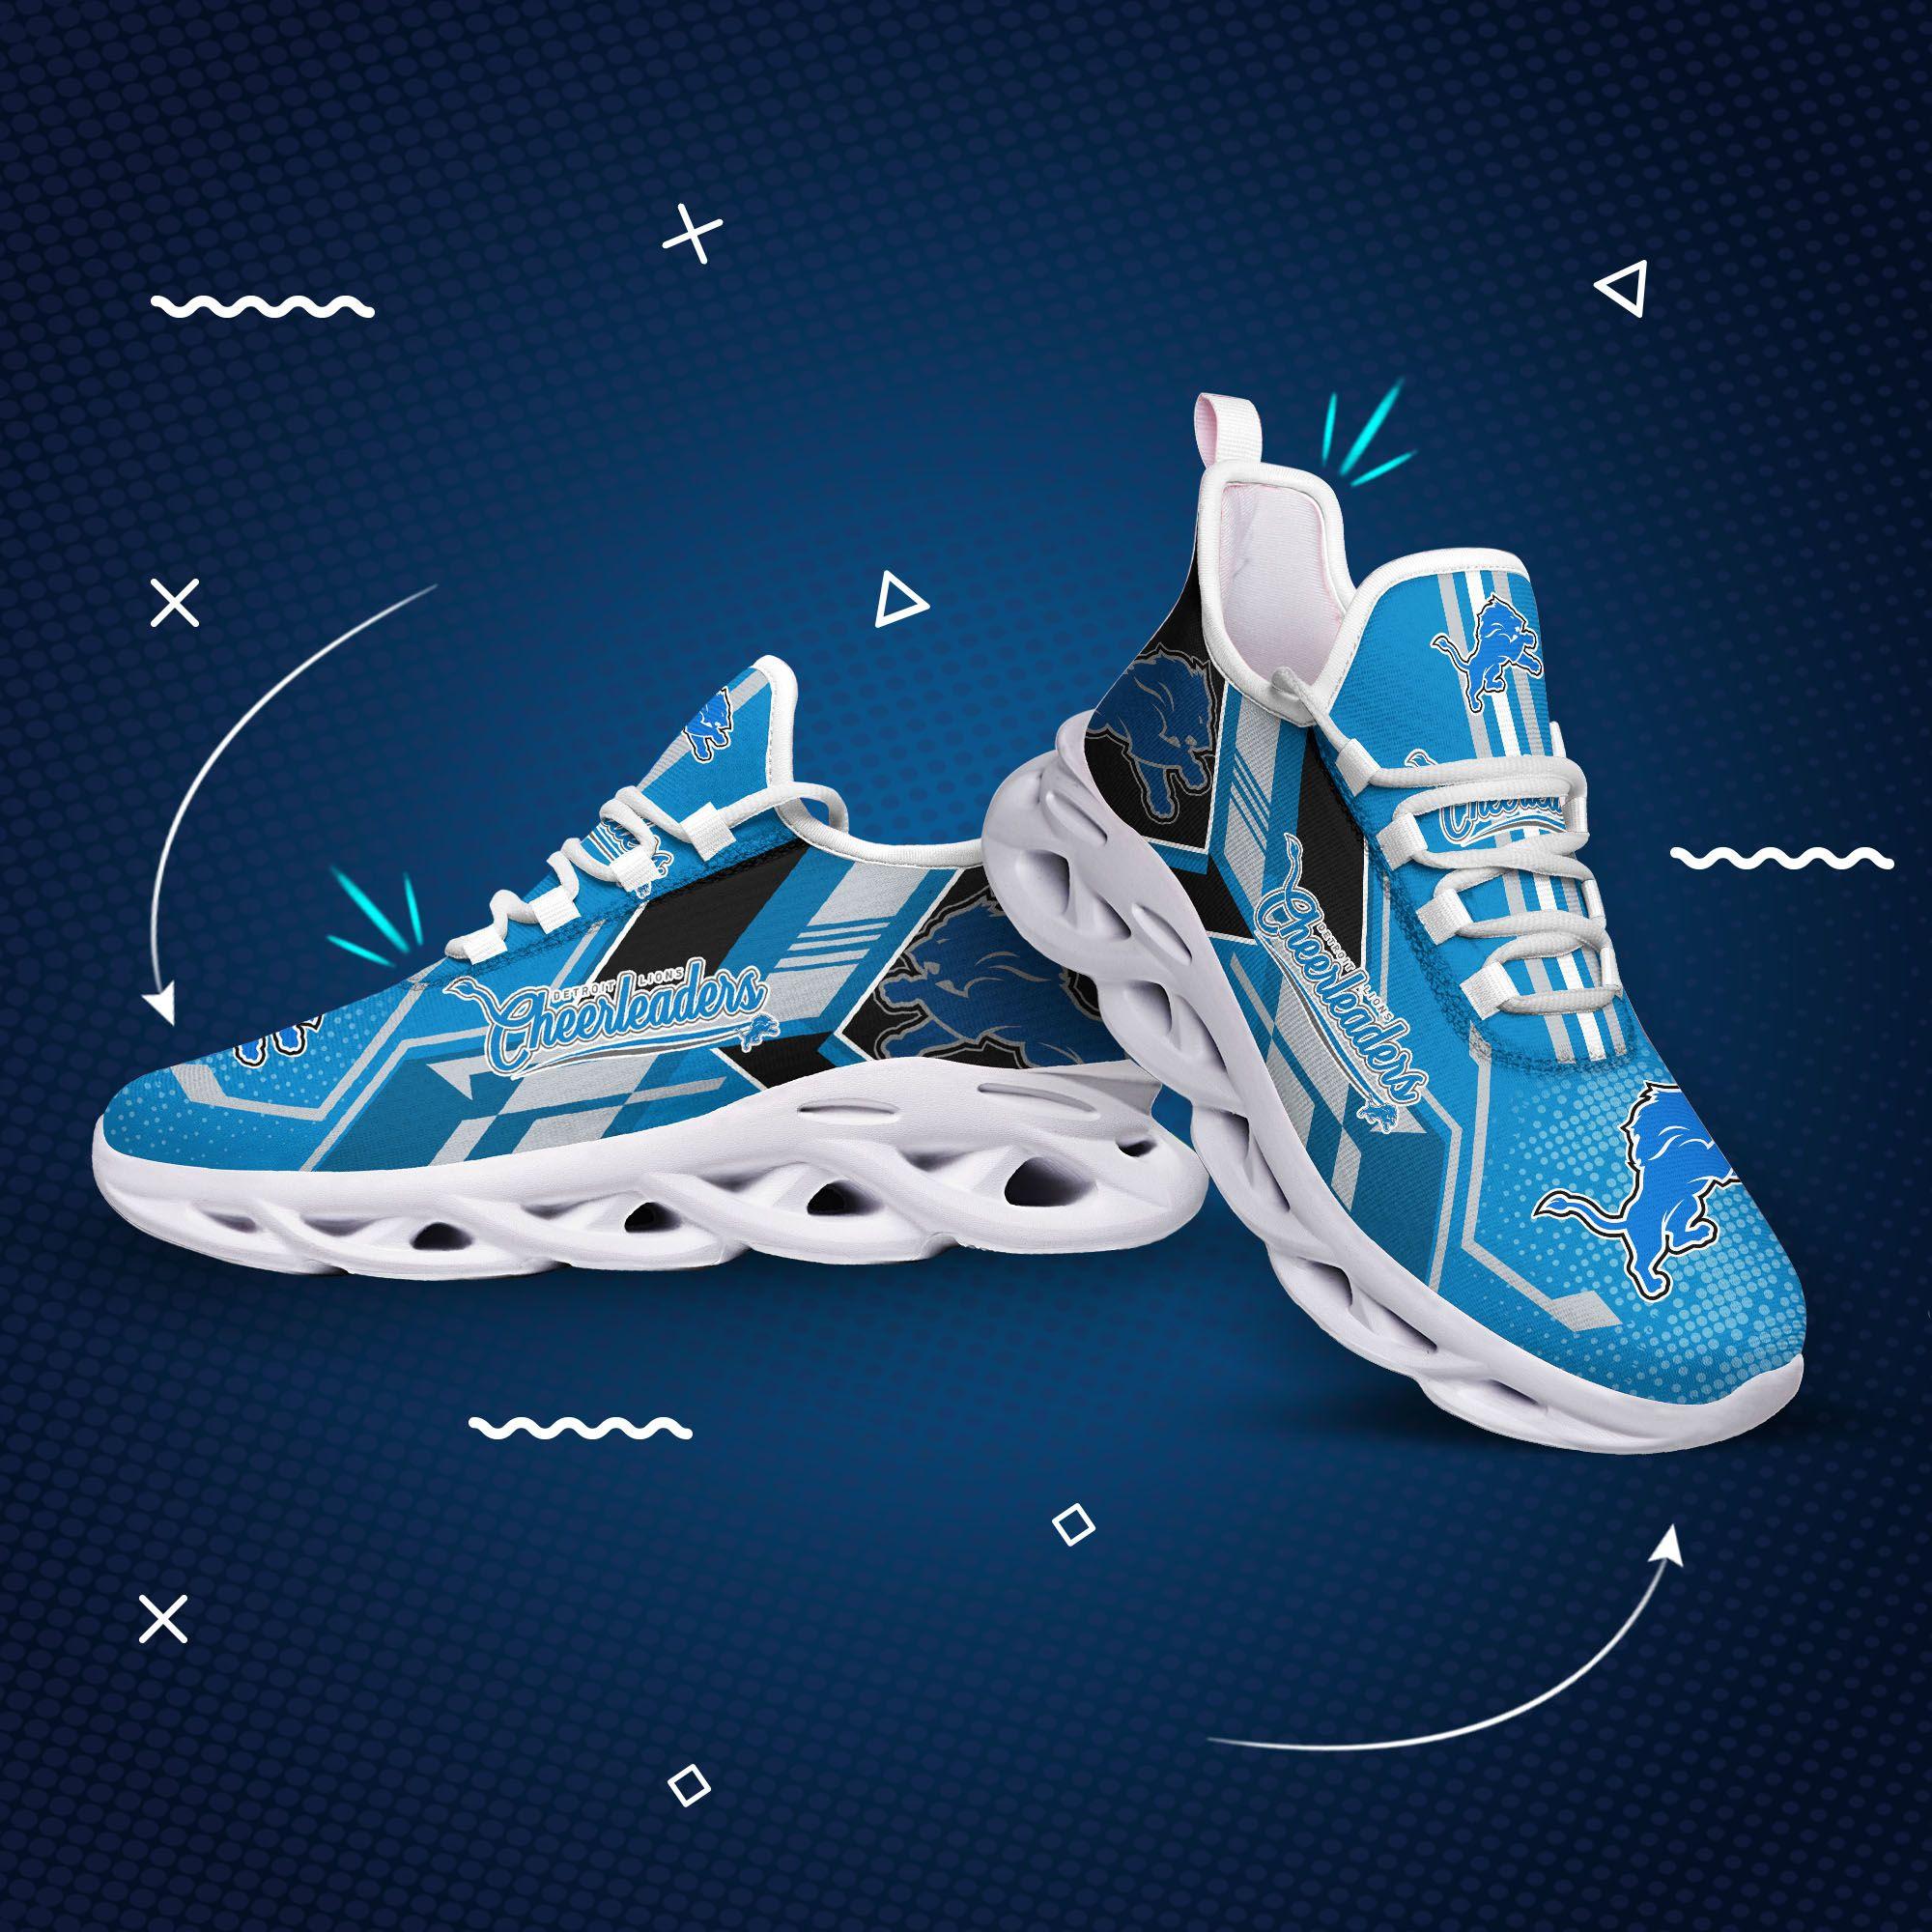 Detroit lions nfl max soul clunky shoes 2